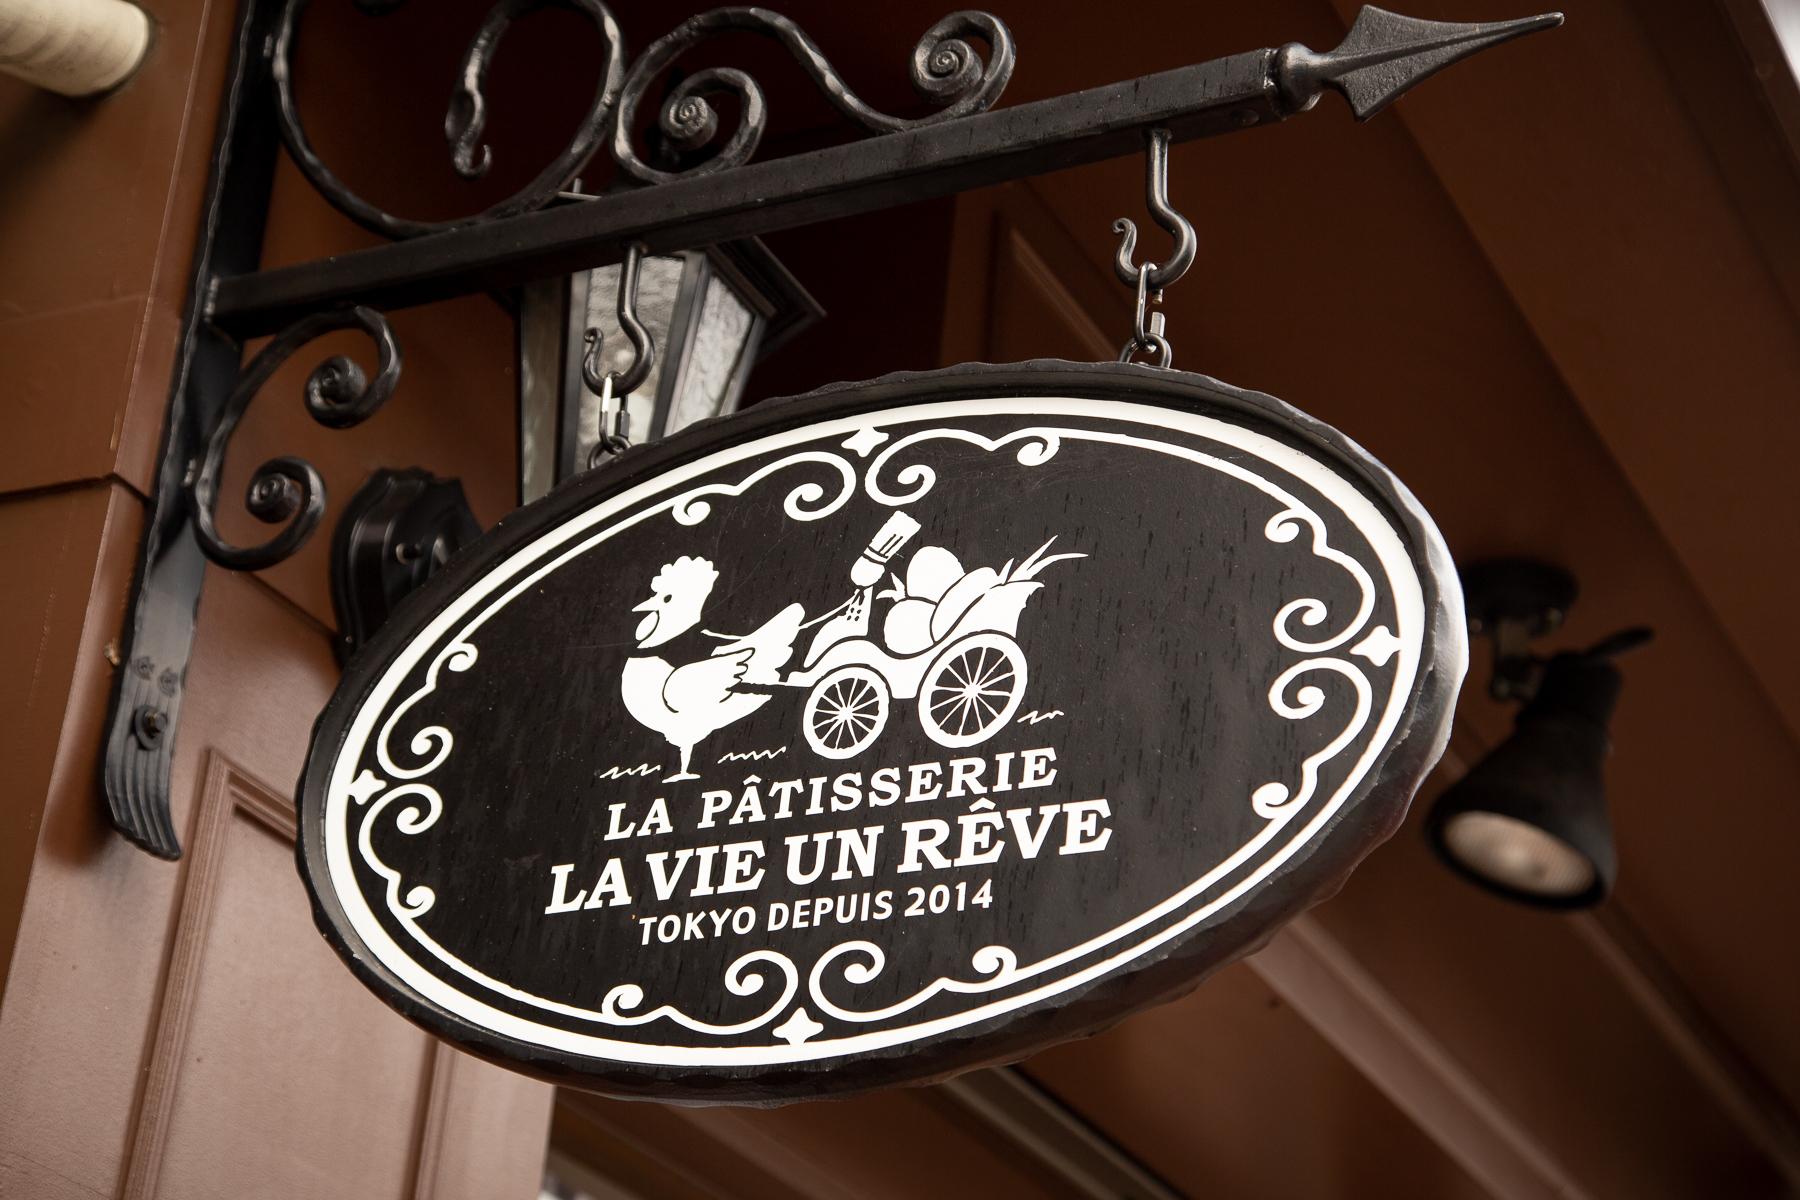 パティスリー ラヴィアンレーヴの看板